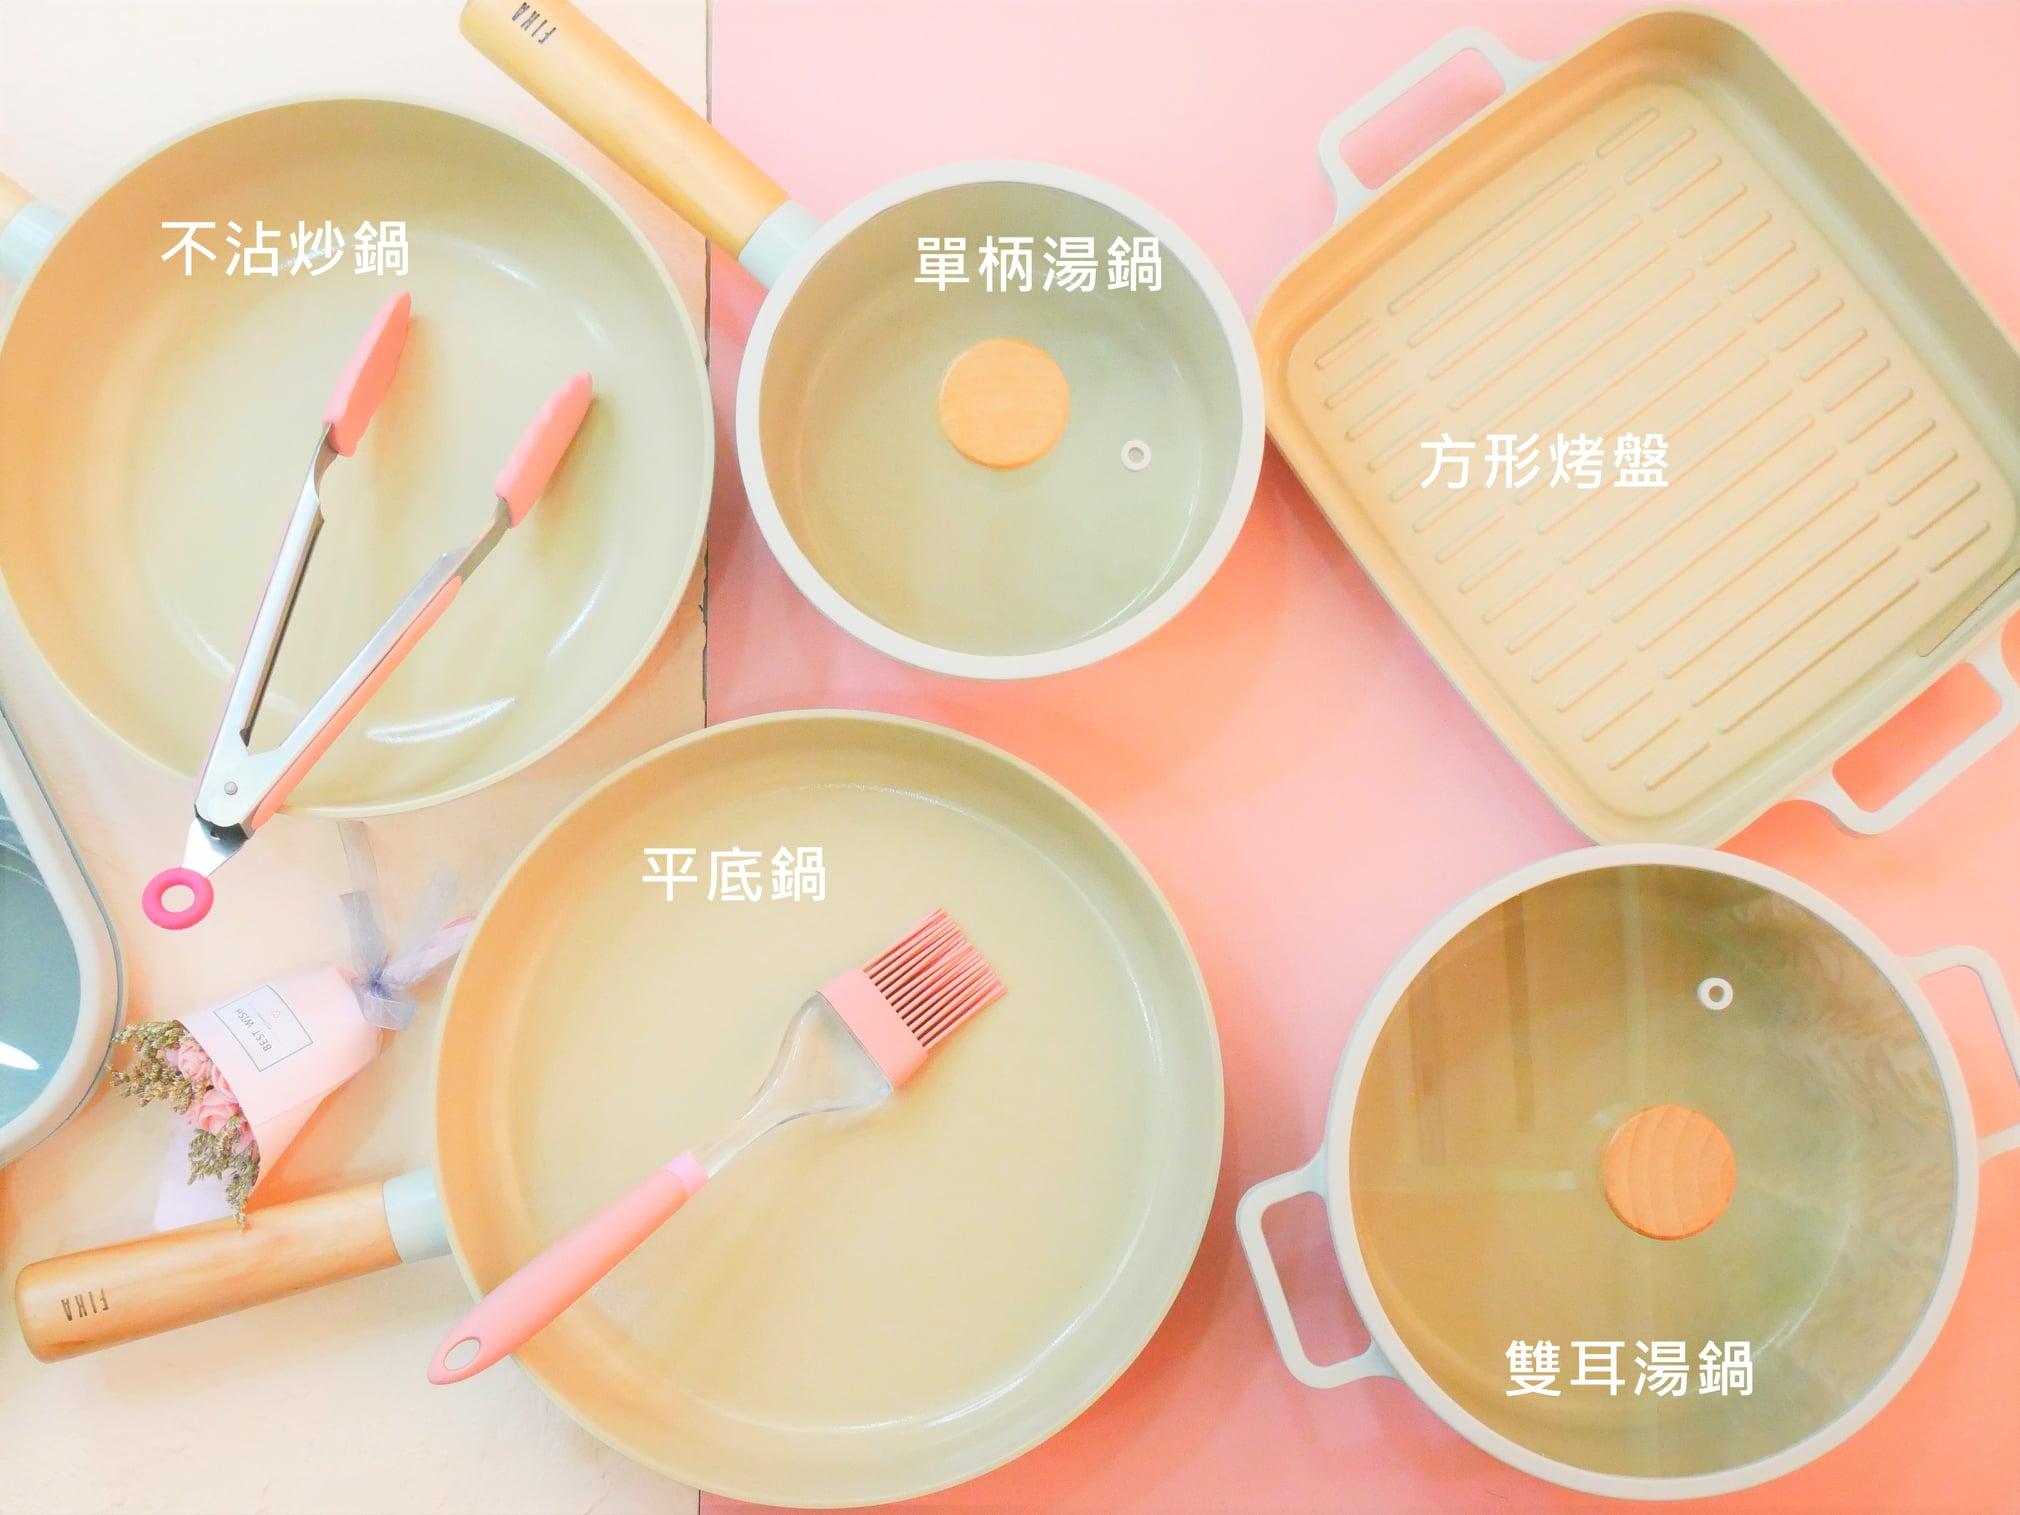 【NEOFLAM FIKA團購】超爆美的白色美鍋,不沾鍋好清洗,適用各種爐具,網美最愛鍋 @小環妞 幸福足跡